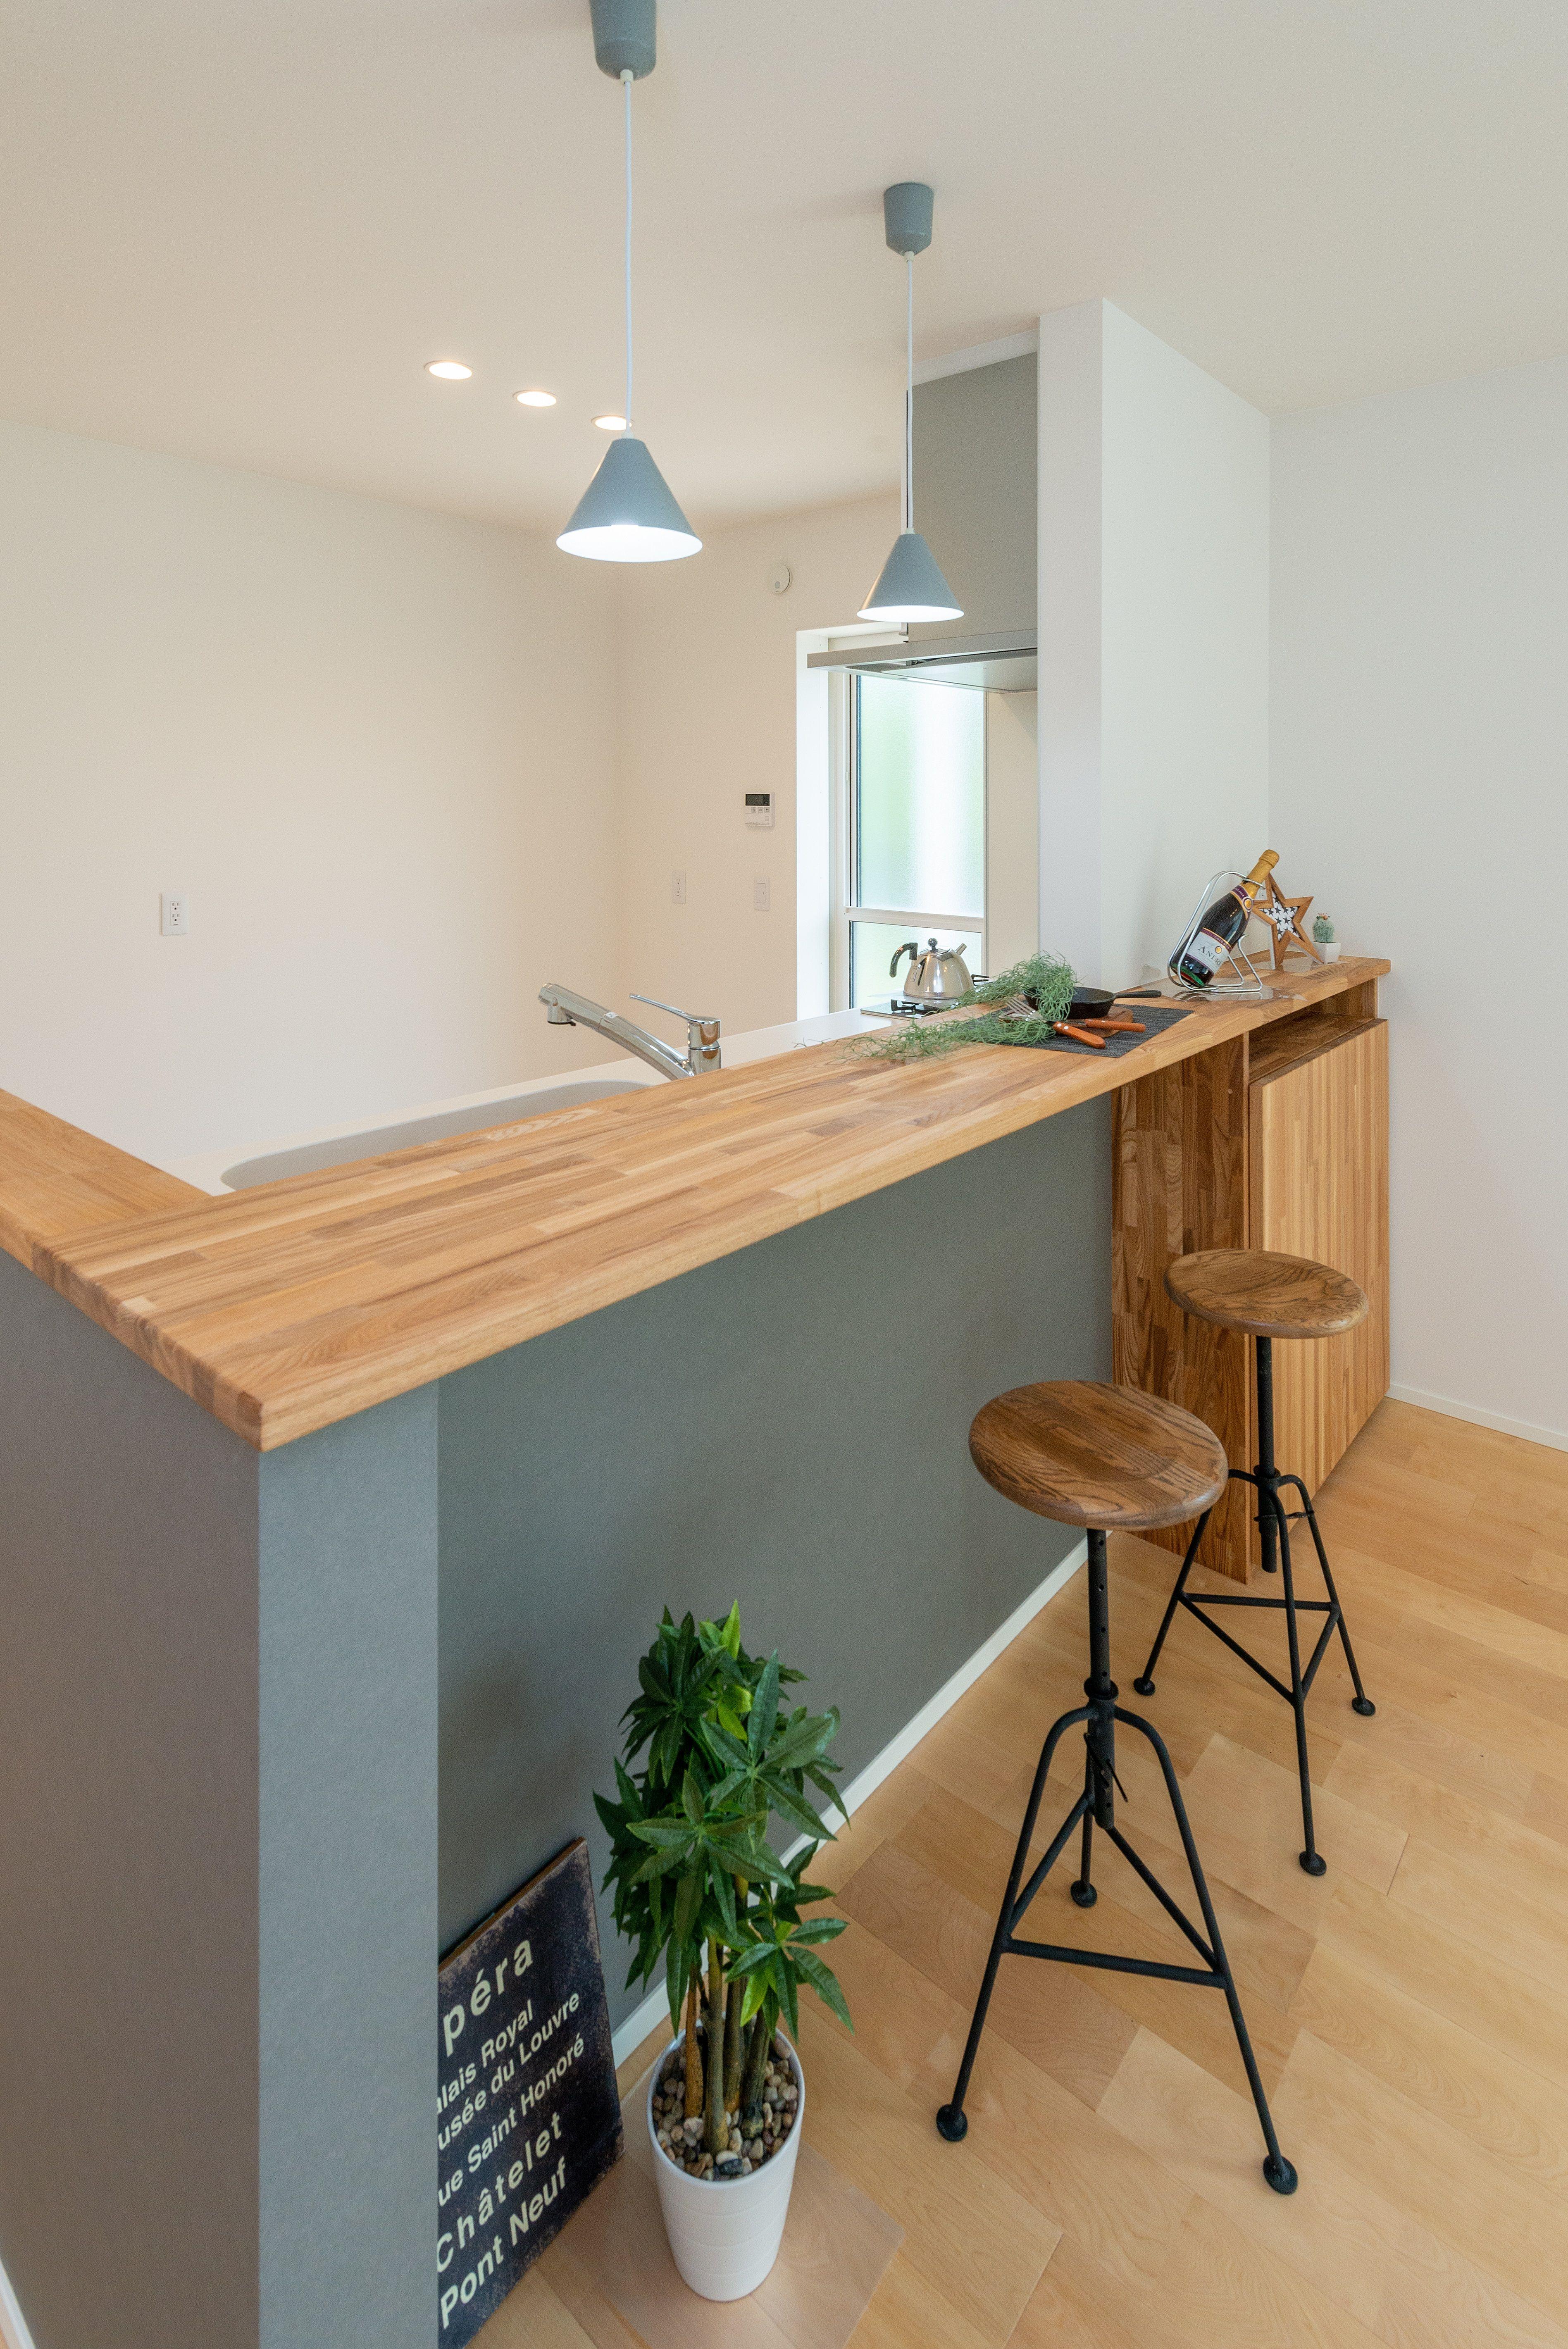 カフェのようなカウンター リビング キッチン キッチンカウンター おしゃれ キッチンインテリアデザイン